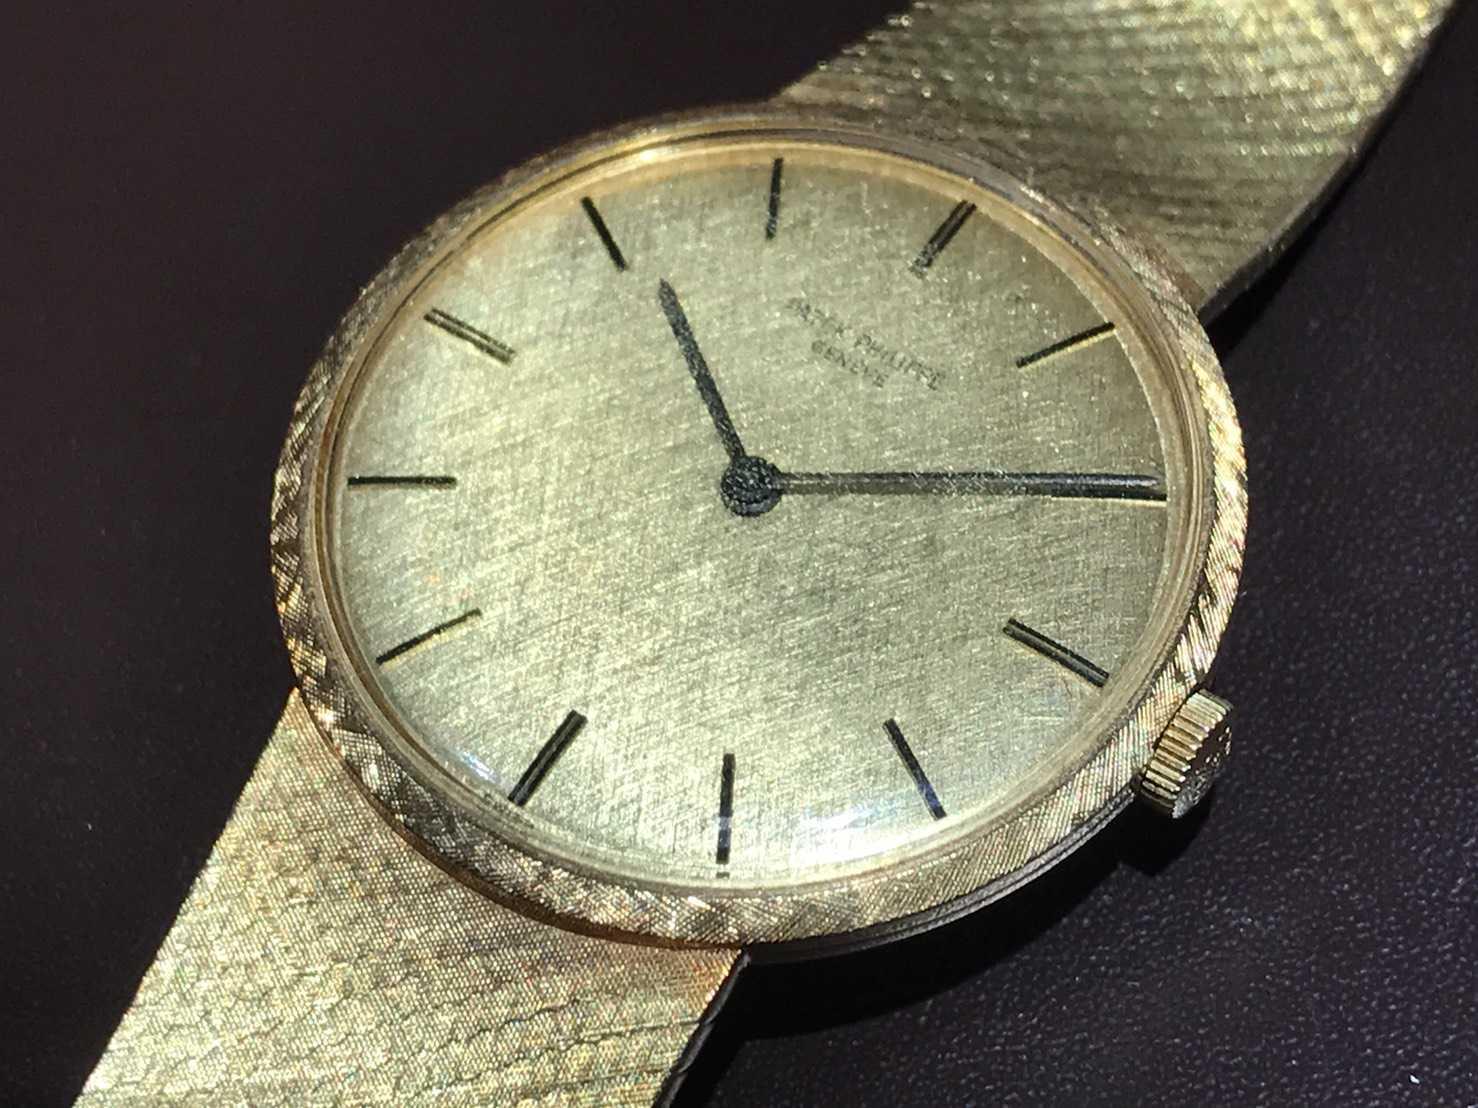 パテックフィリップ買取 腕時計 ゴールド